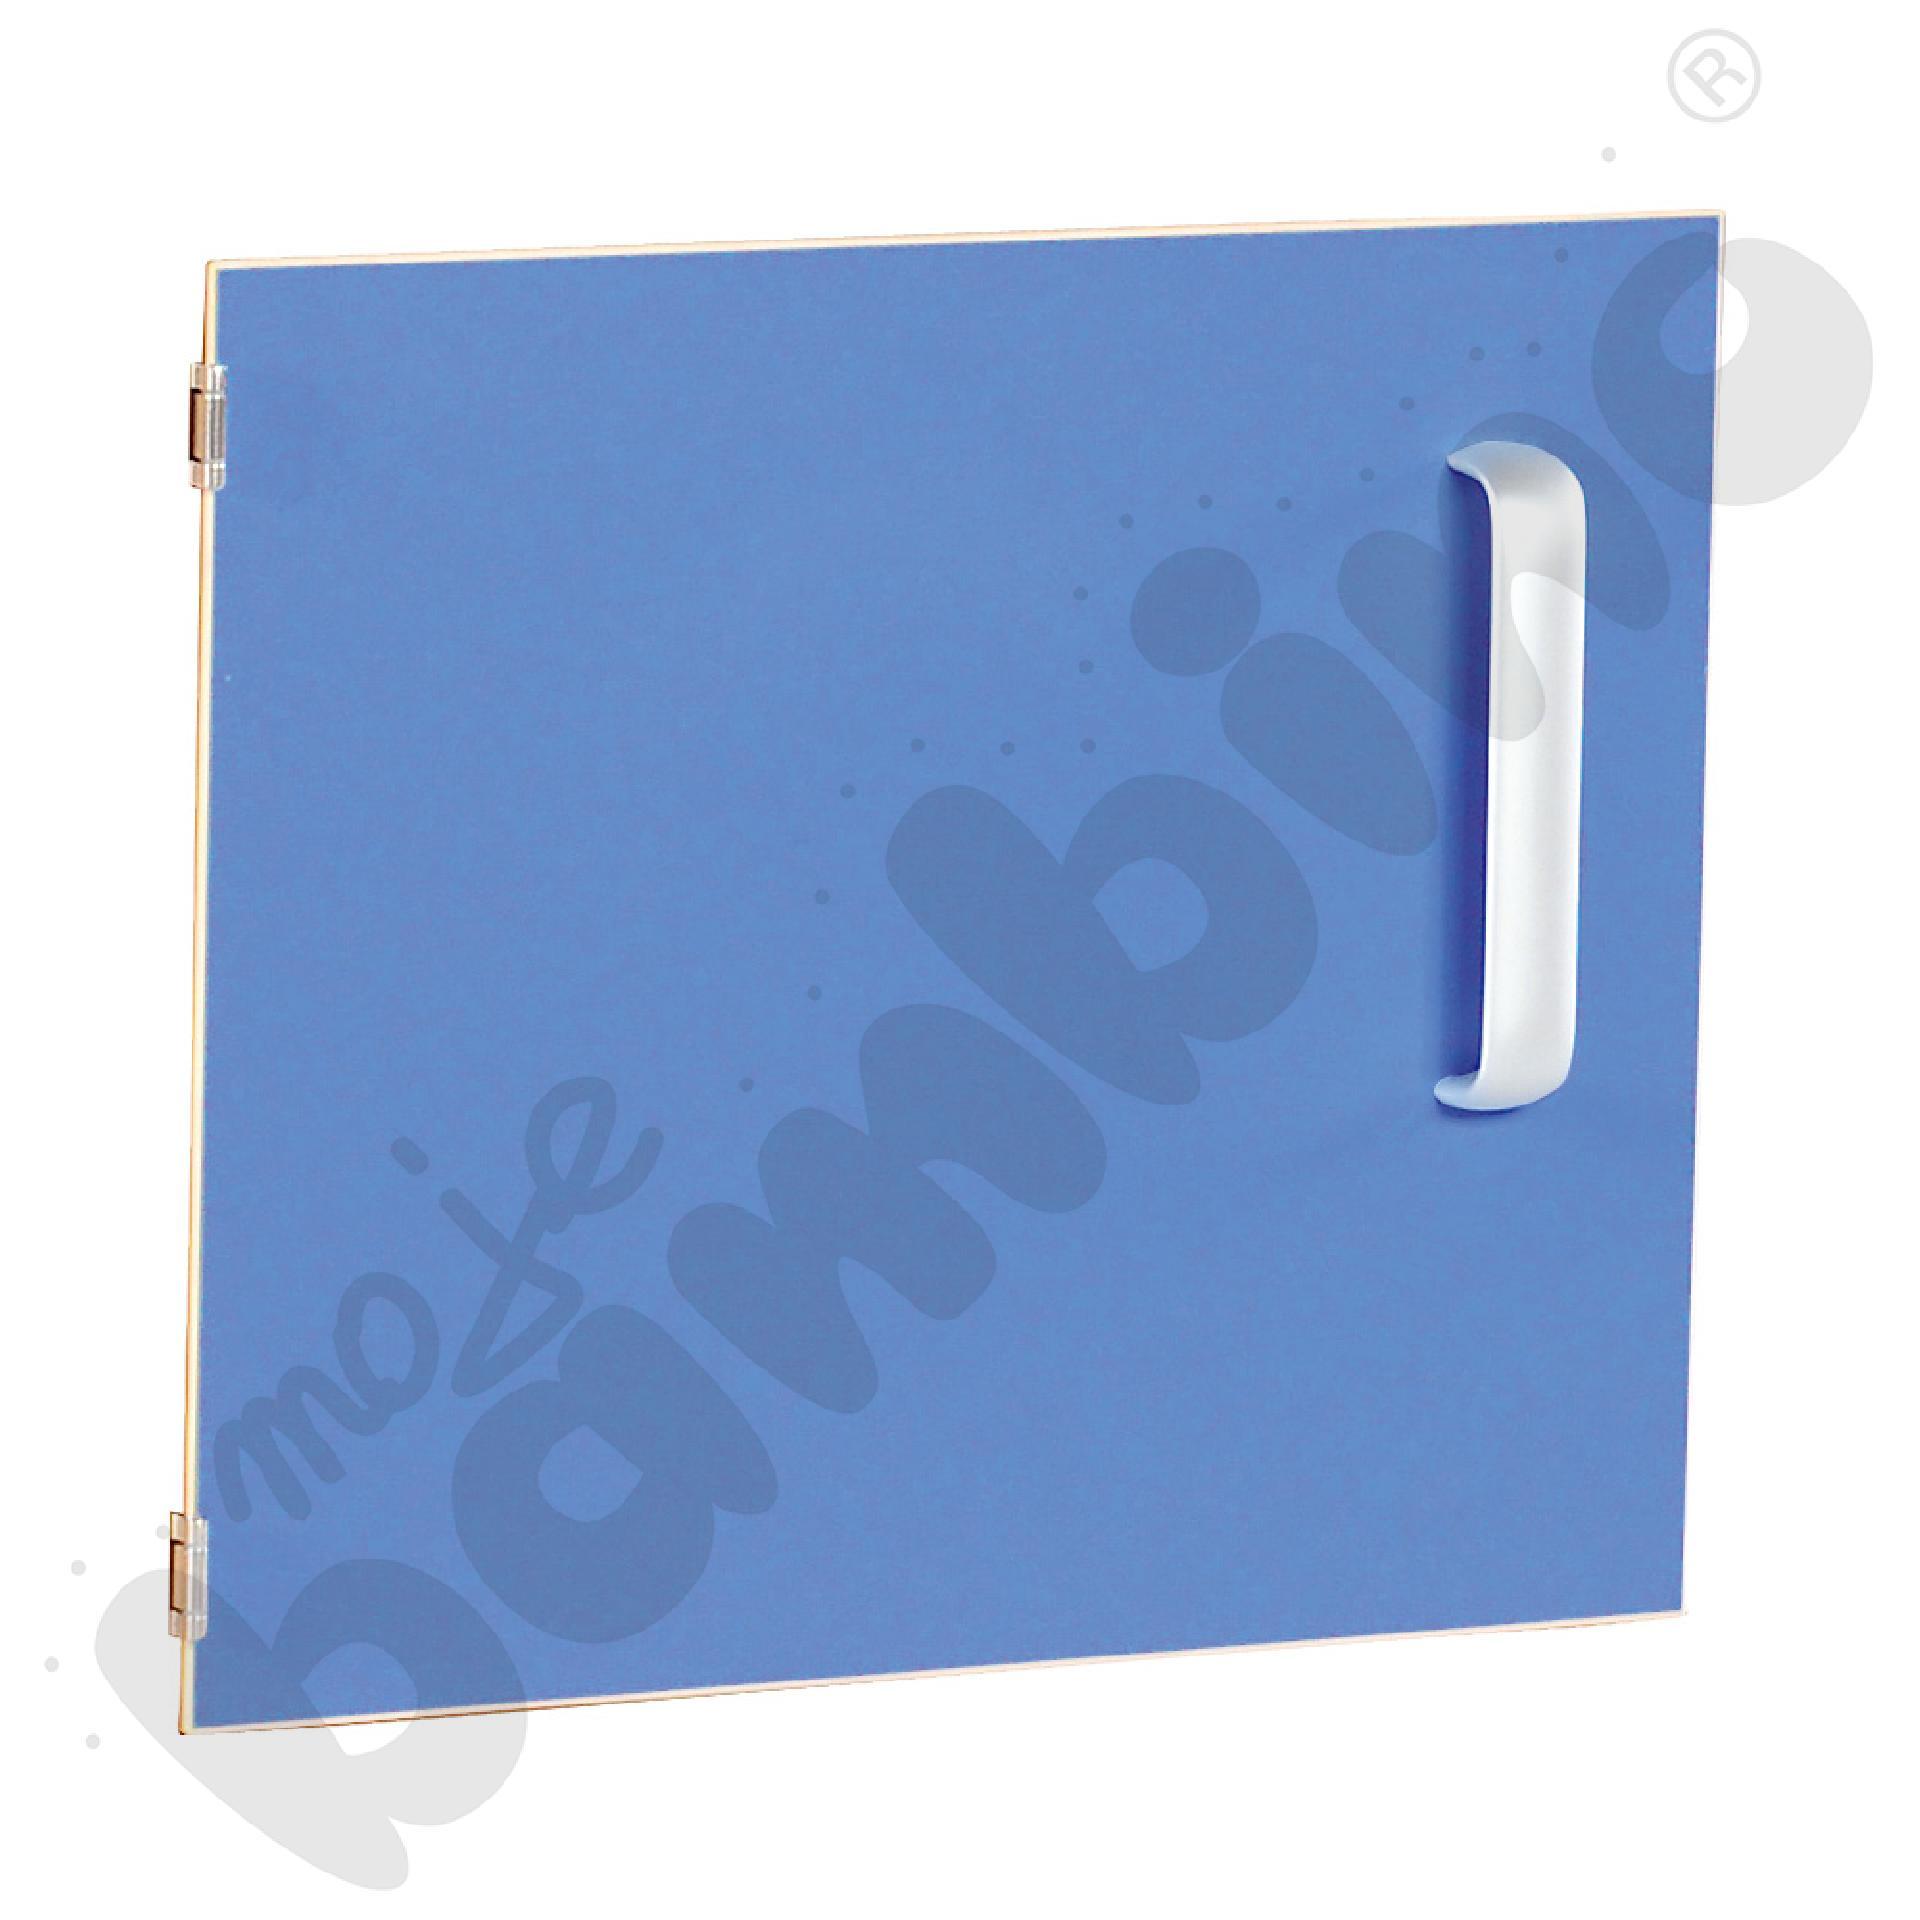 Drzwiczki do szafki M z przegrodą lewe - niebieskie